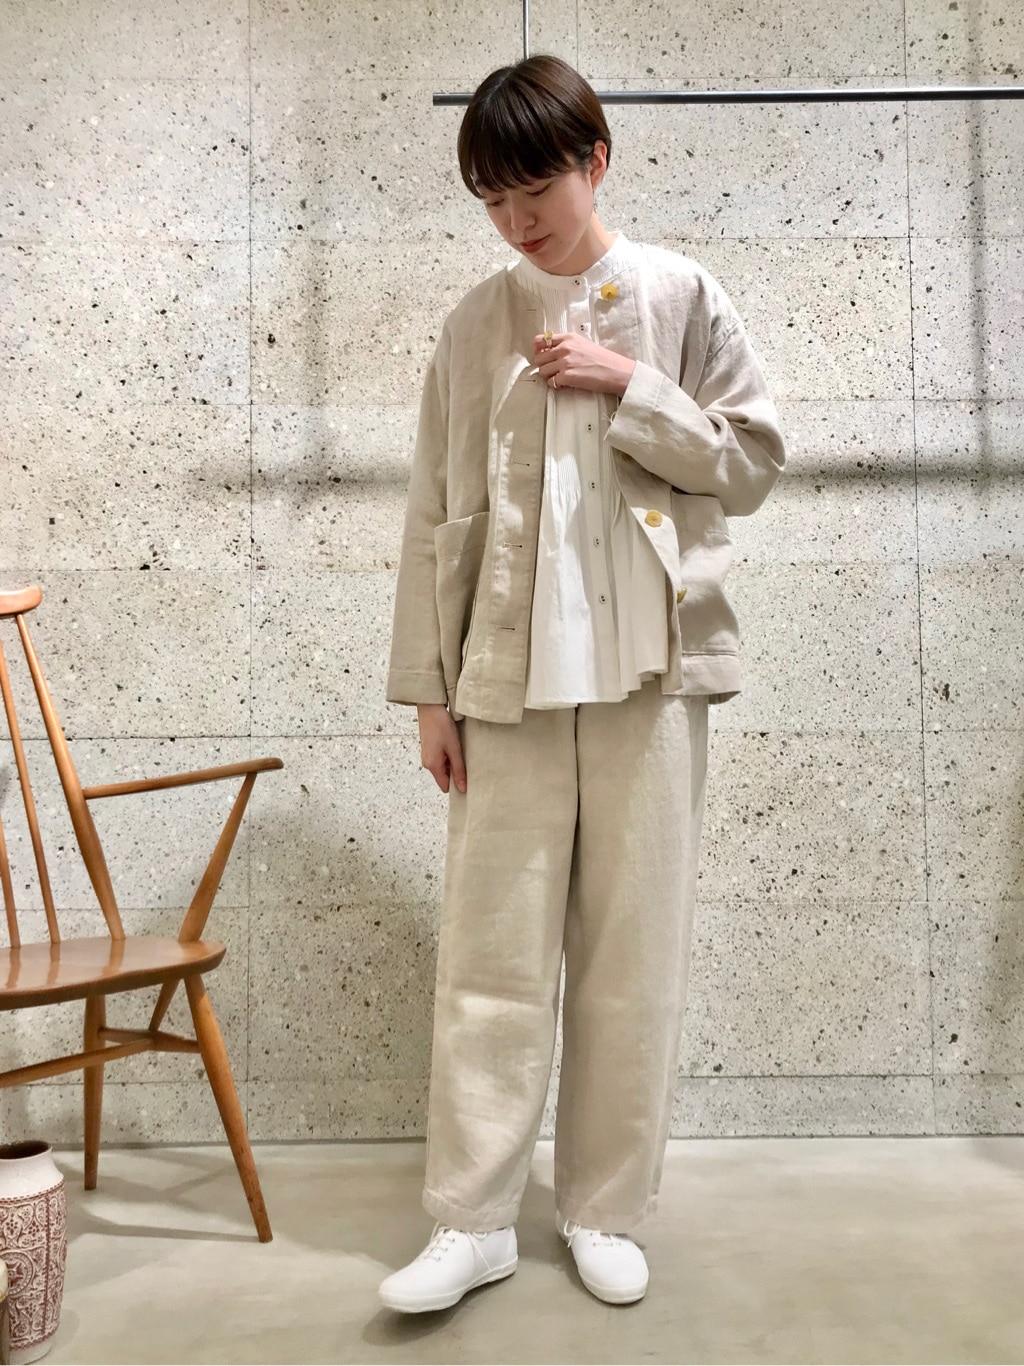 yuni ニュウマン横浜 身長:166cm 2021.02.11